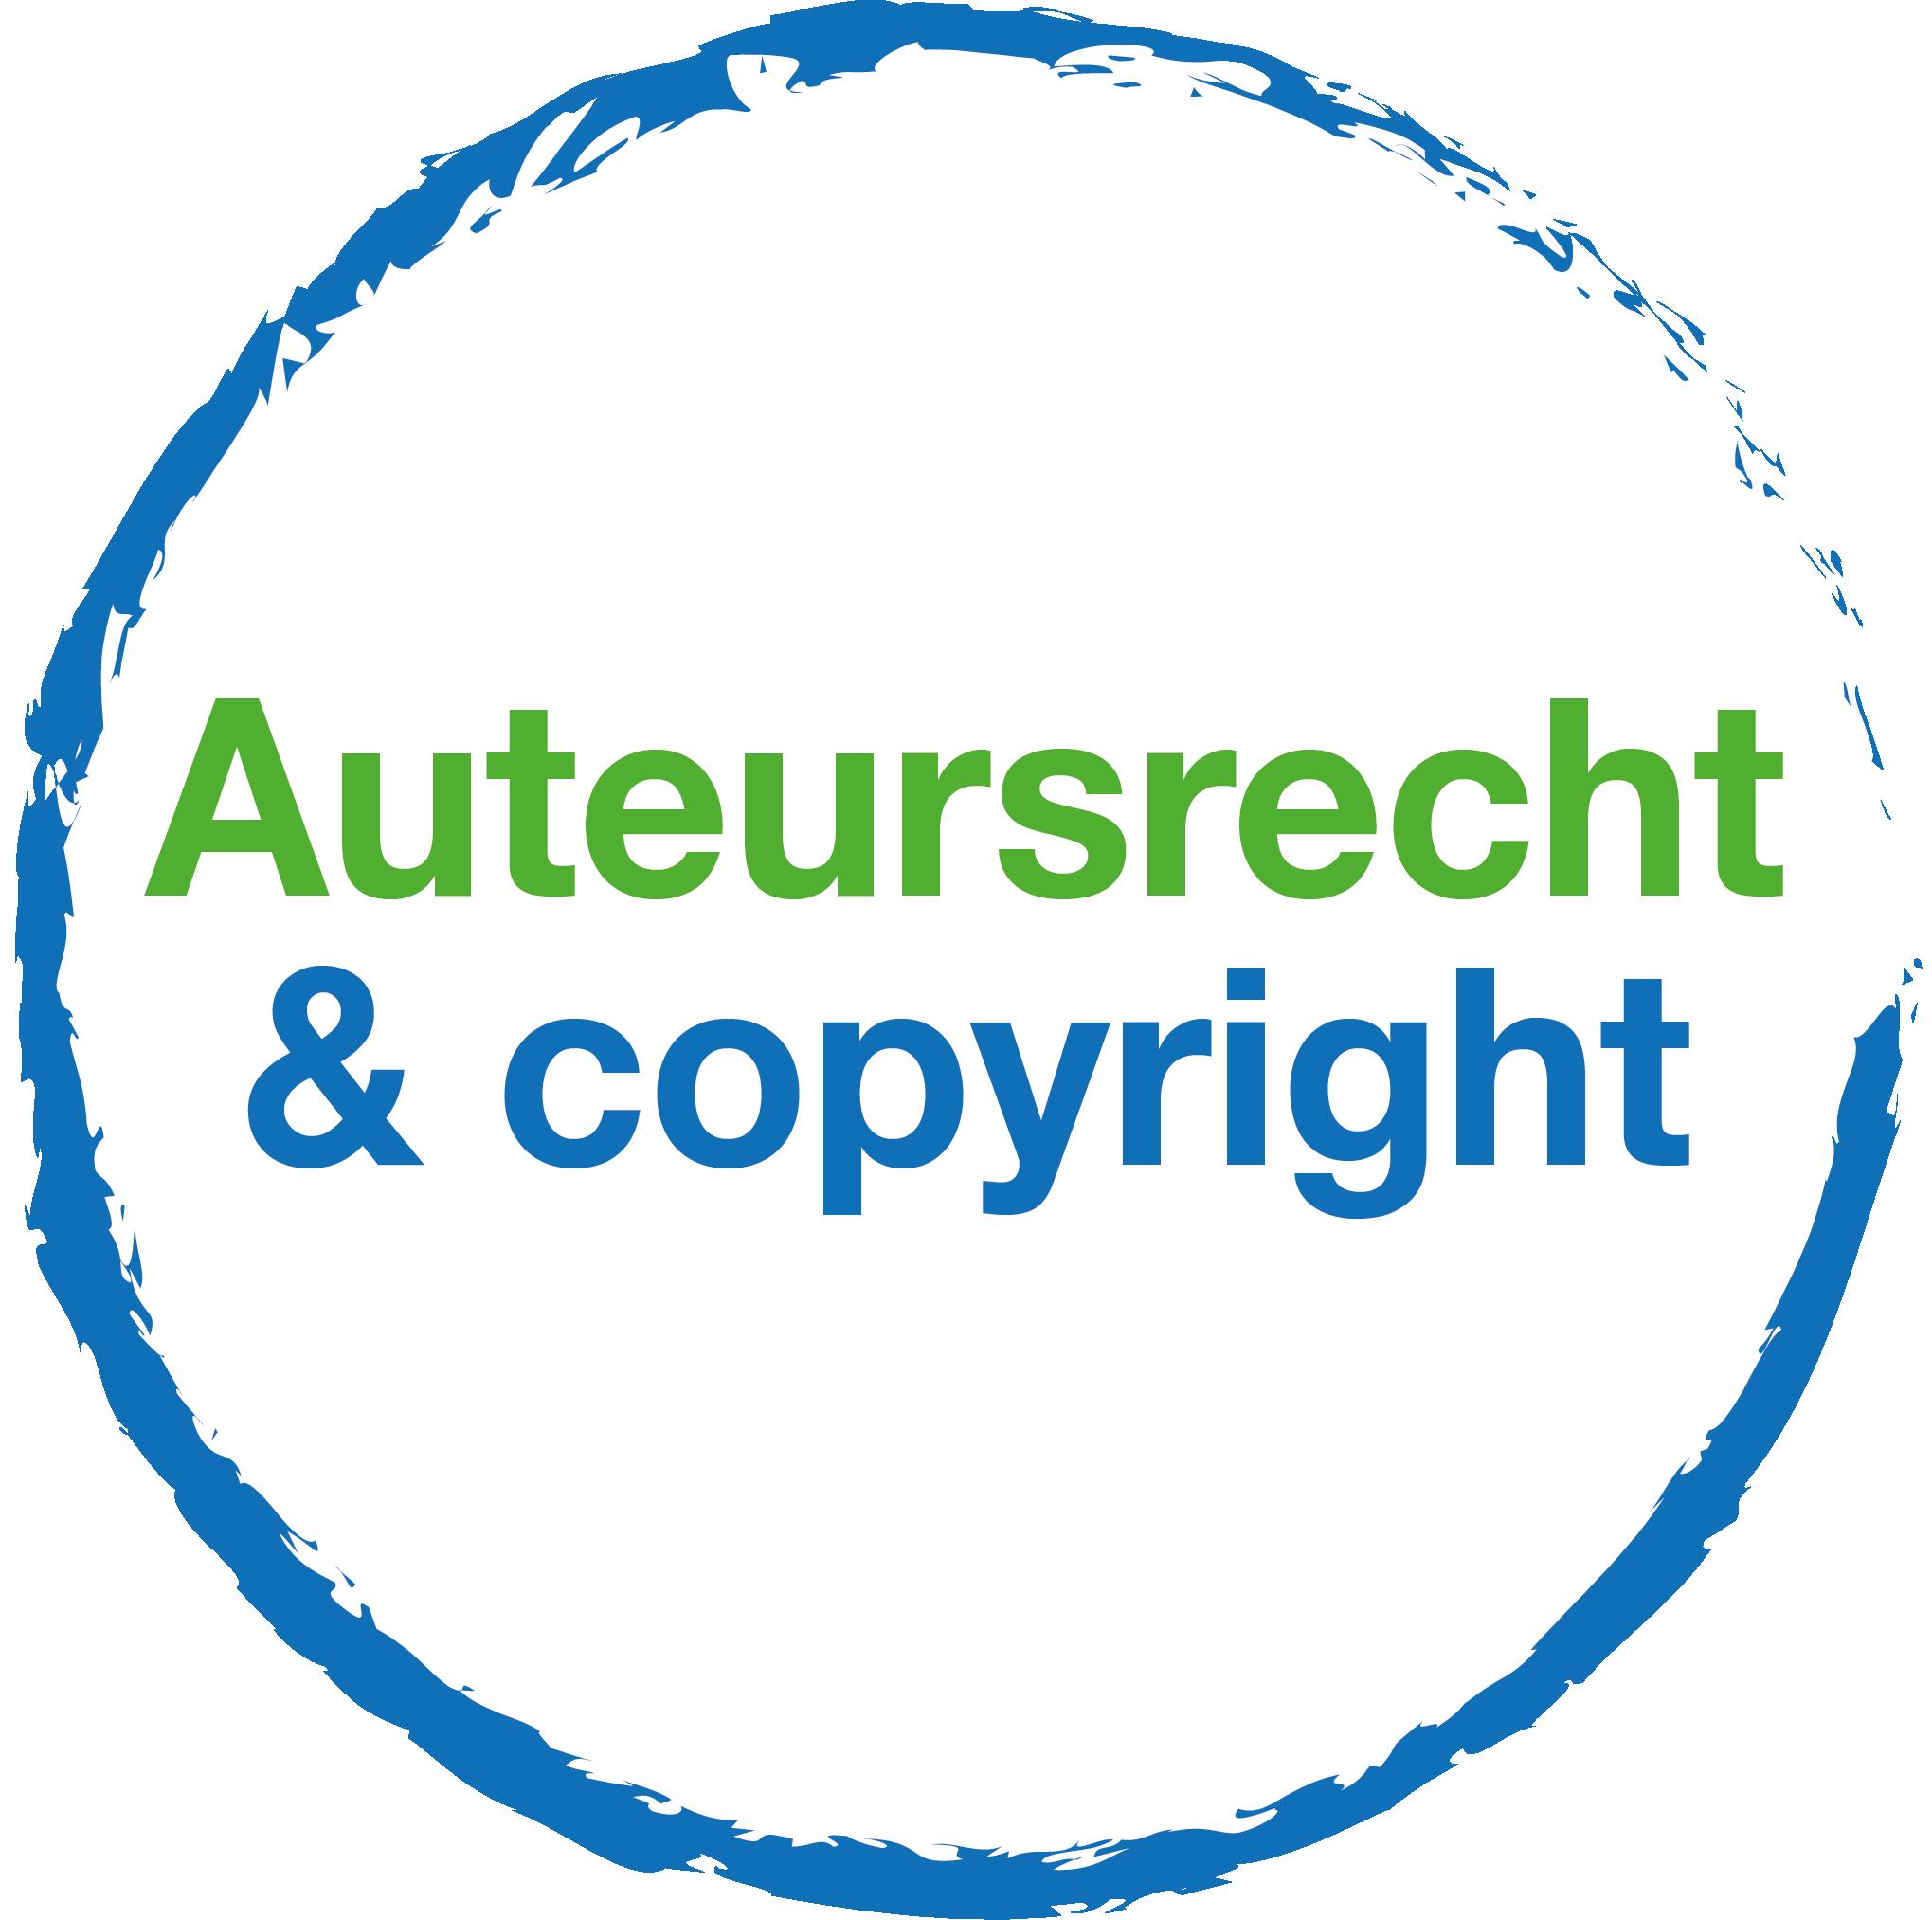 Auteursrecht en copyright